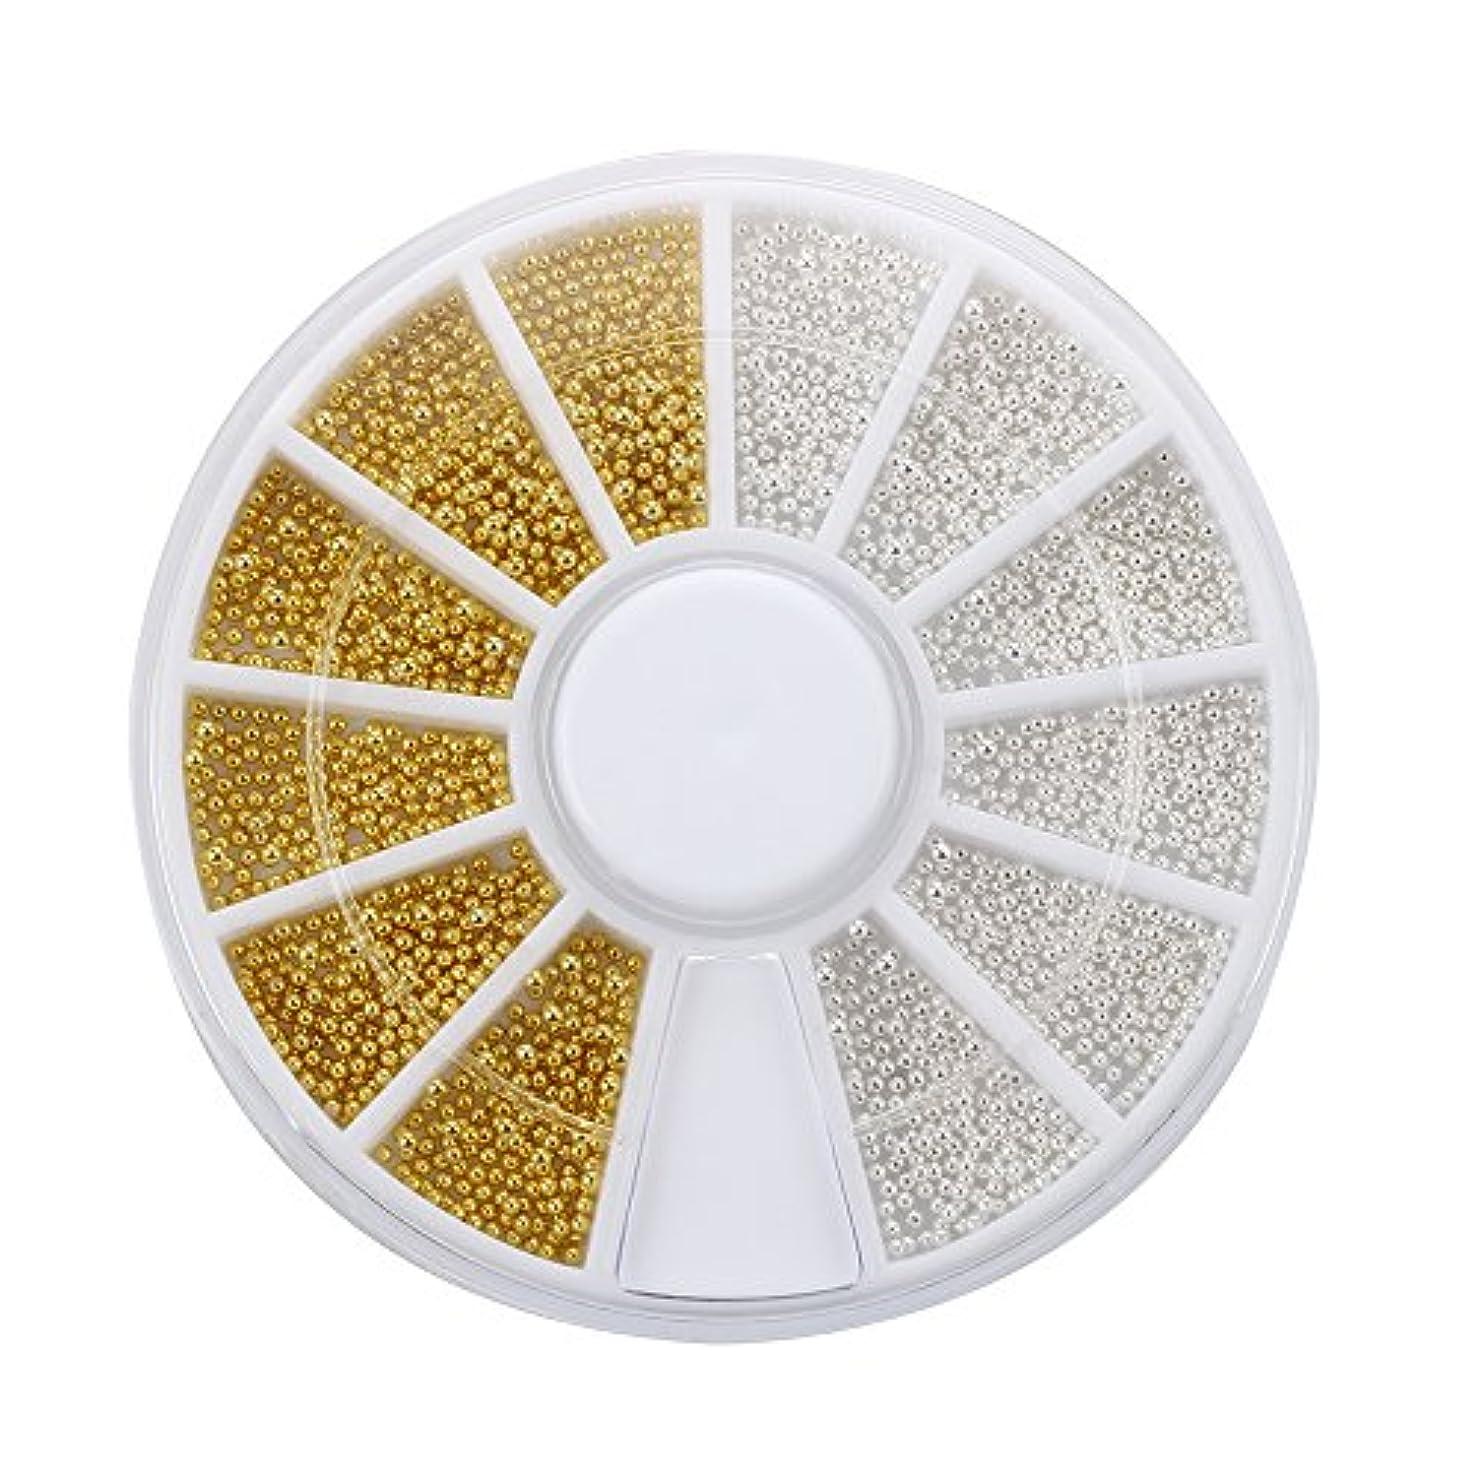 願望ブートひいきにするSODIAL(R) 300xネイルアート ゴールドシルバーボールビーズチップ装飾+ホイールファッション